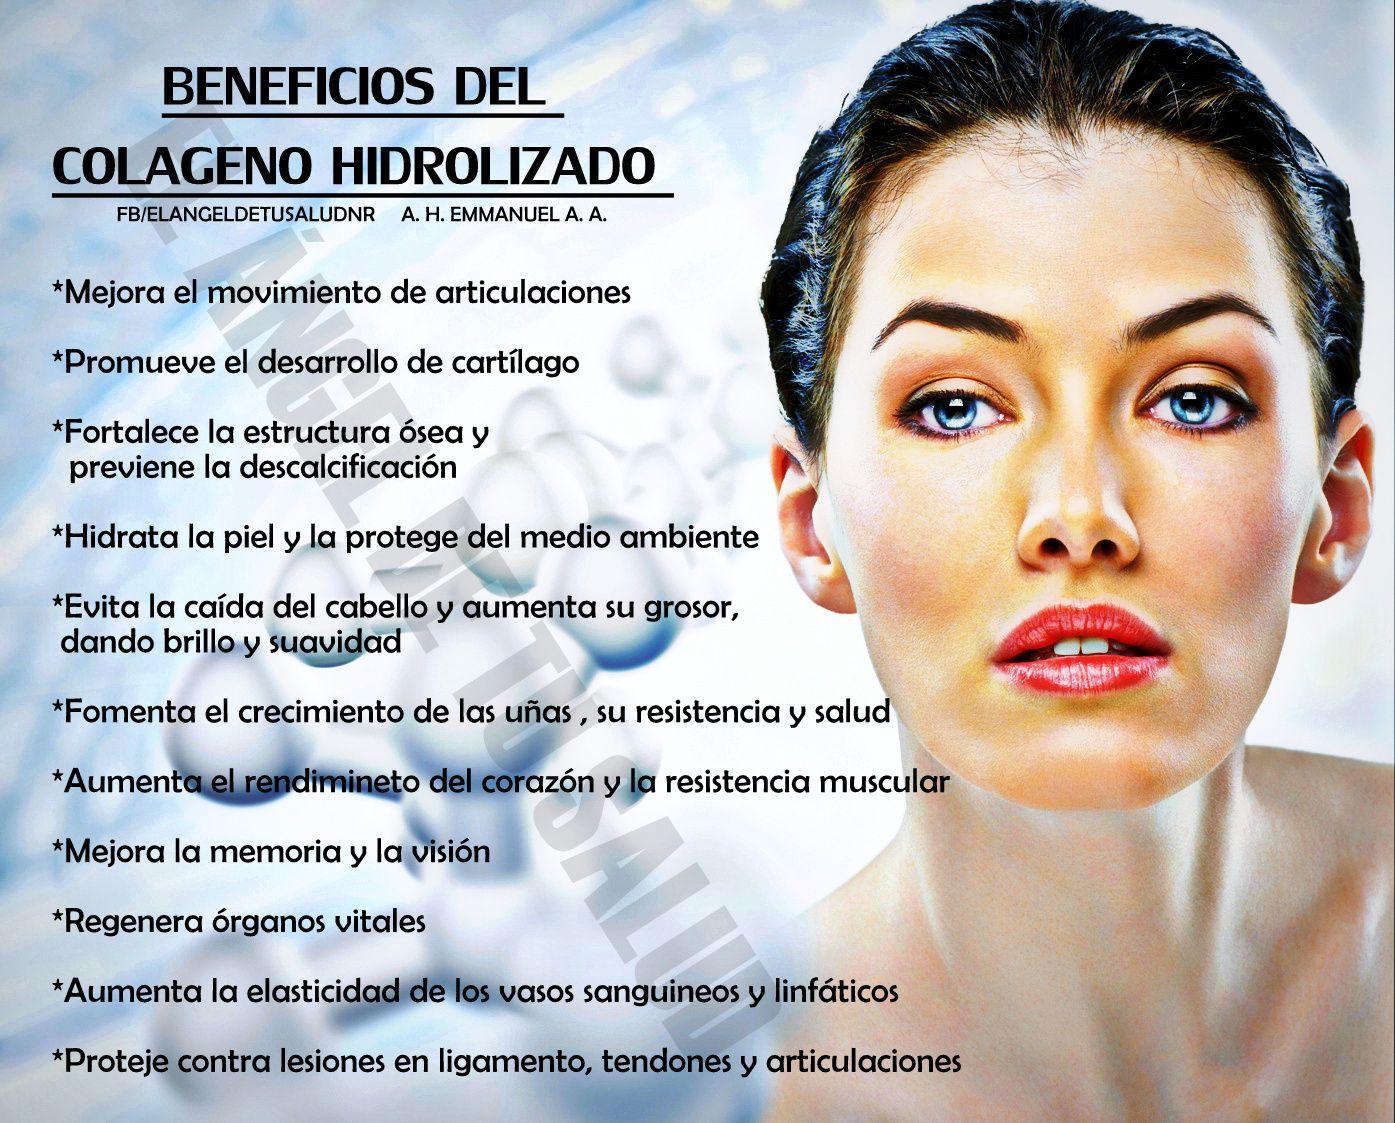 Beneficios del colageno hidrolizado salud y belleza pinterest salud liquid detox and vitamins - Alimentos con colageno hidrolizado ...